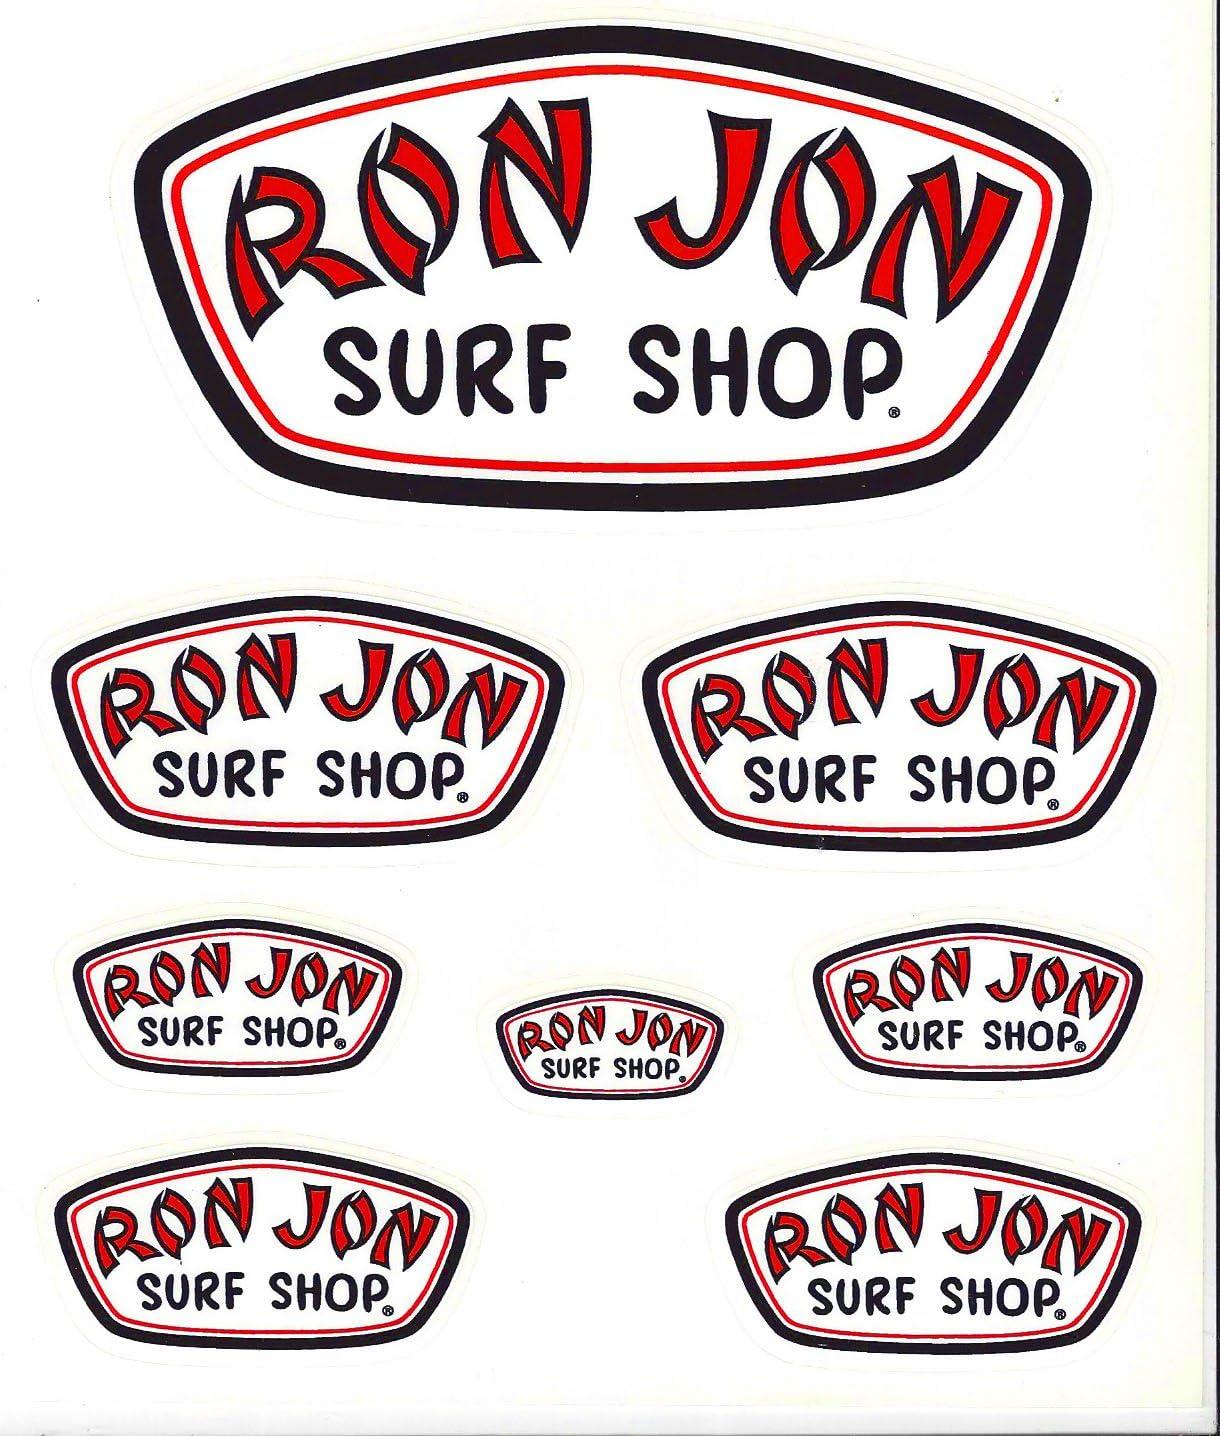 Ron Jon Surf Shop adhesivo Hoja de 8: Amazon.es: Coche y moto